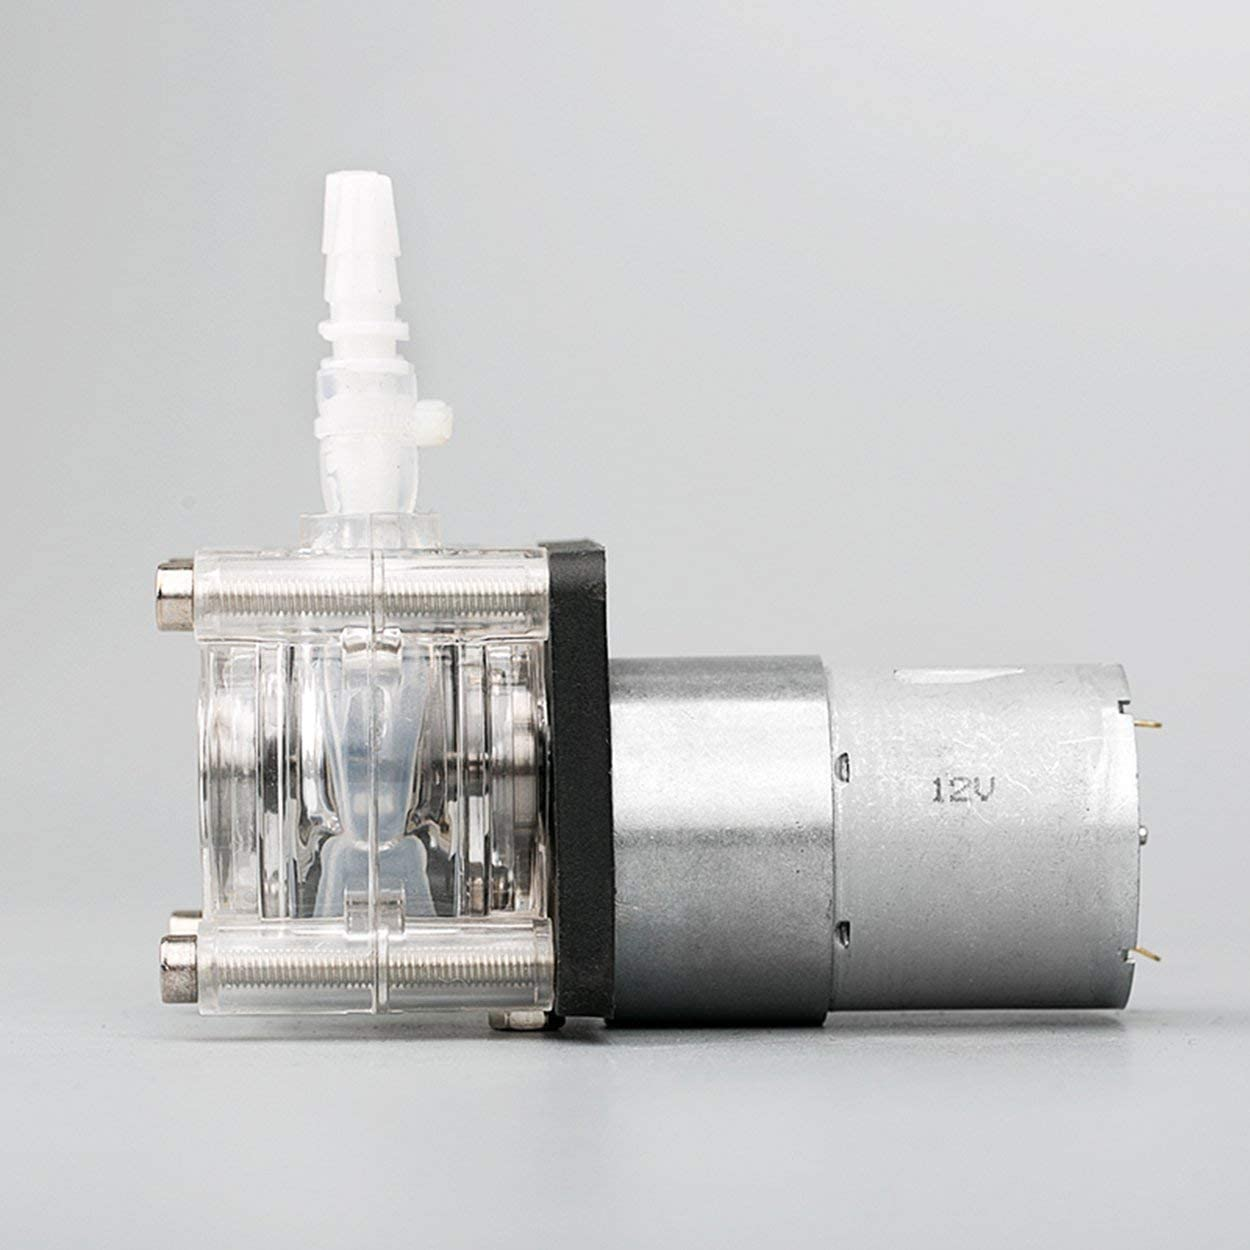 Lorenlli Pompe p/éristaltique Anti-Corrosion /à Grand d/ébit /à Chargement Rapide Pompe /à Vide Pompe daspiration puissante Pompe Auto-amor/çante Pompe visqueuse